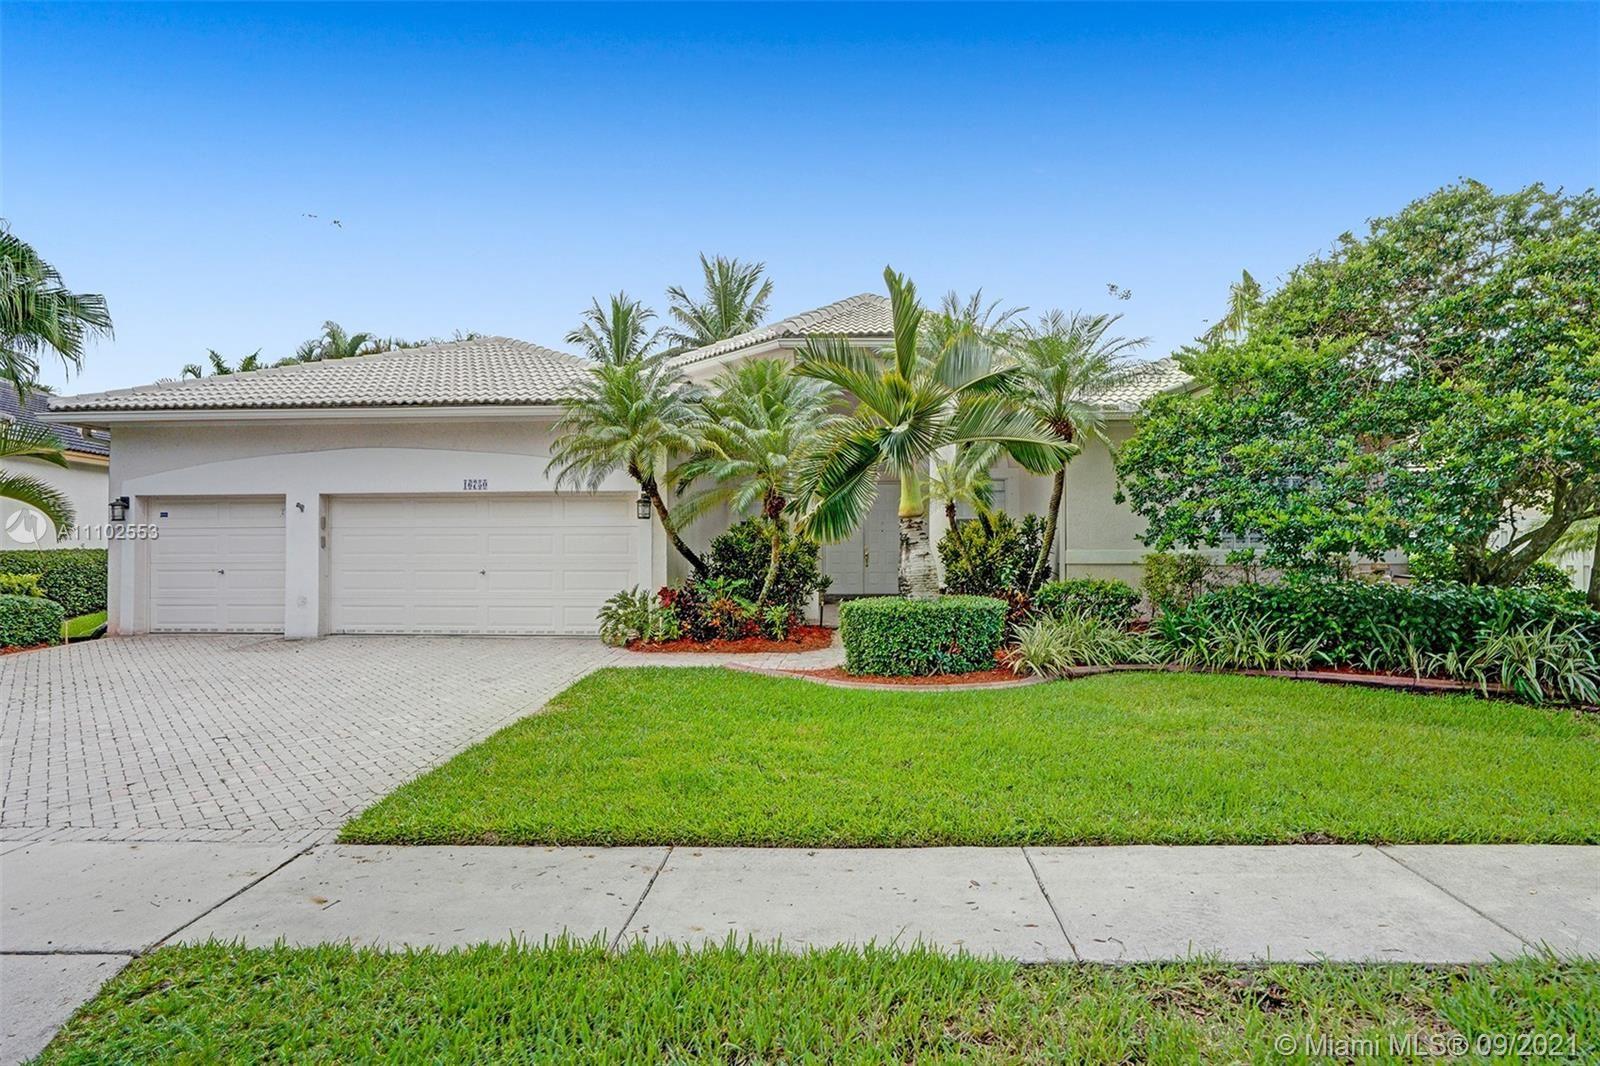 16750 NW 19th St, Pembroke Pines, FL 33028 - #: A11102553